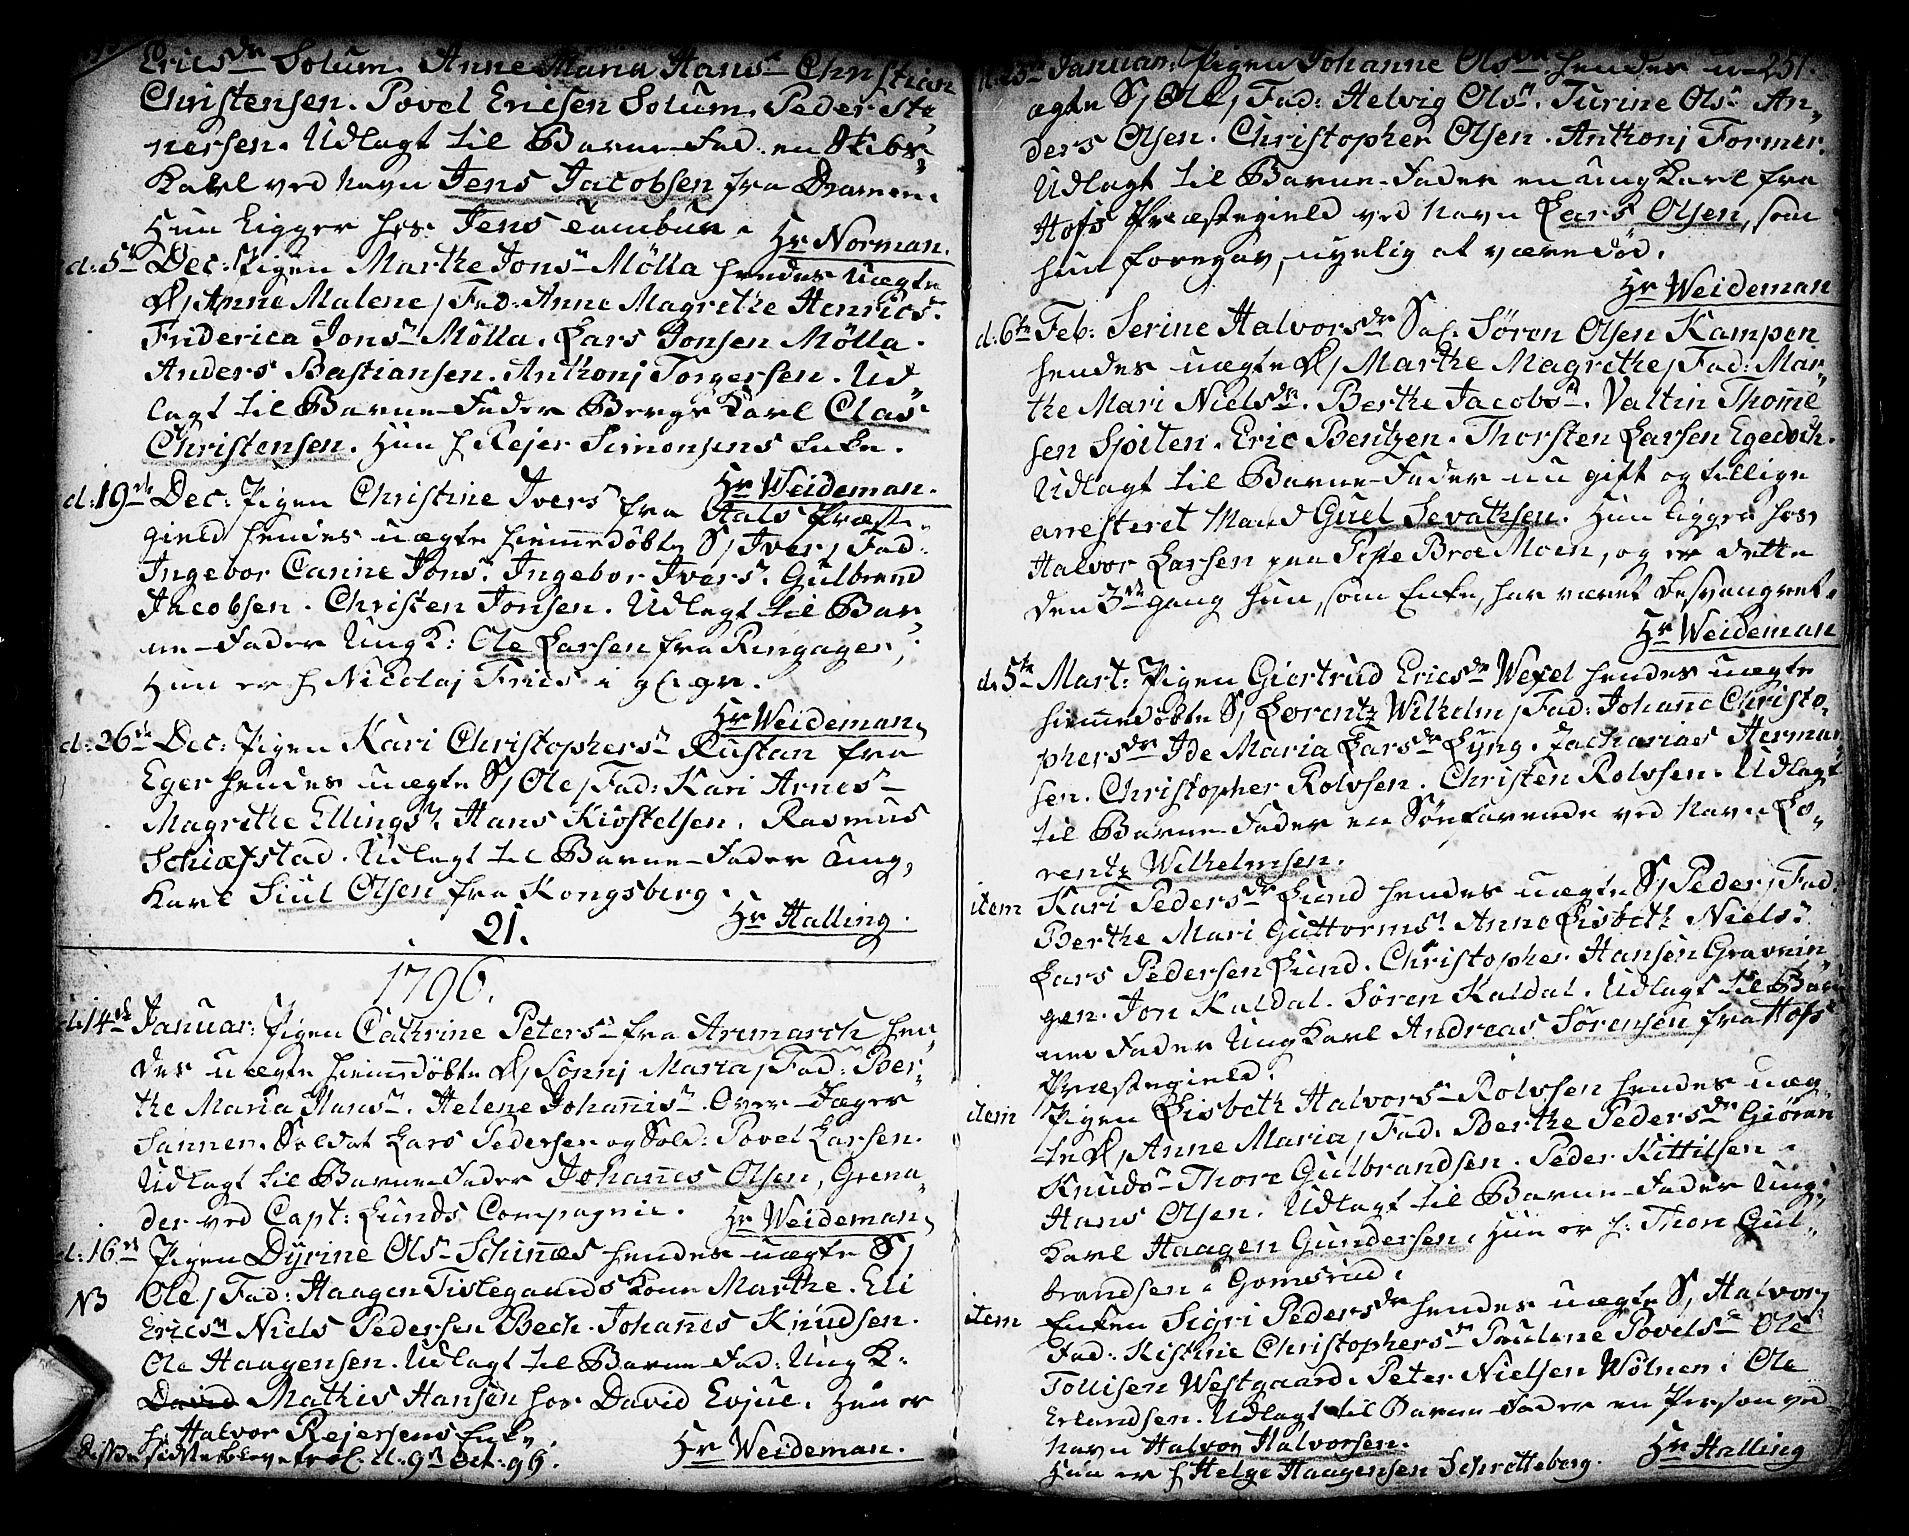 SAKO, Kongsberg kirkebøker, F/Fa/L0006: Ministerialbok nr. I 6, 1783-1797, s. 251